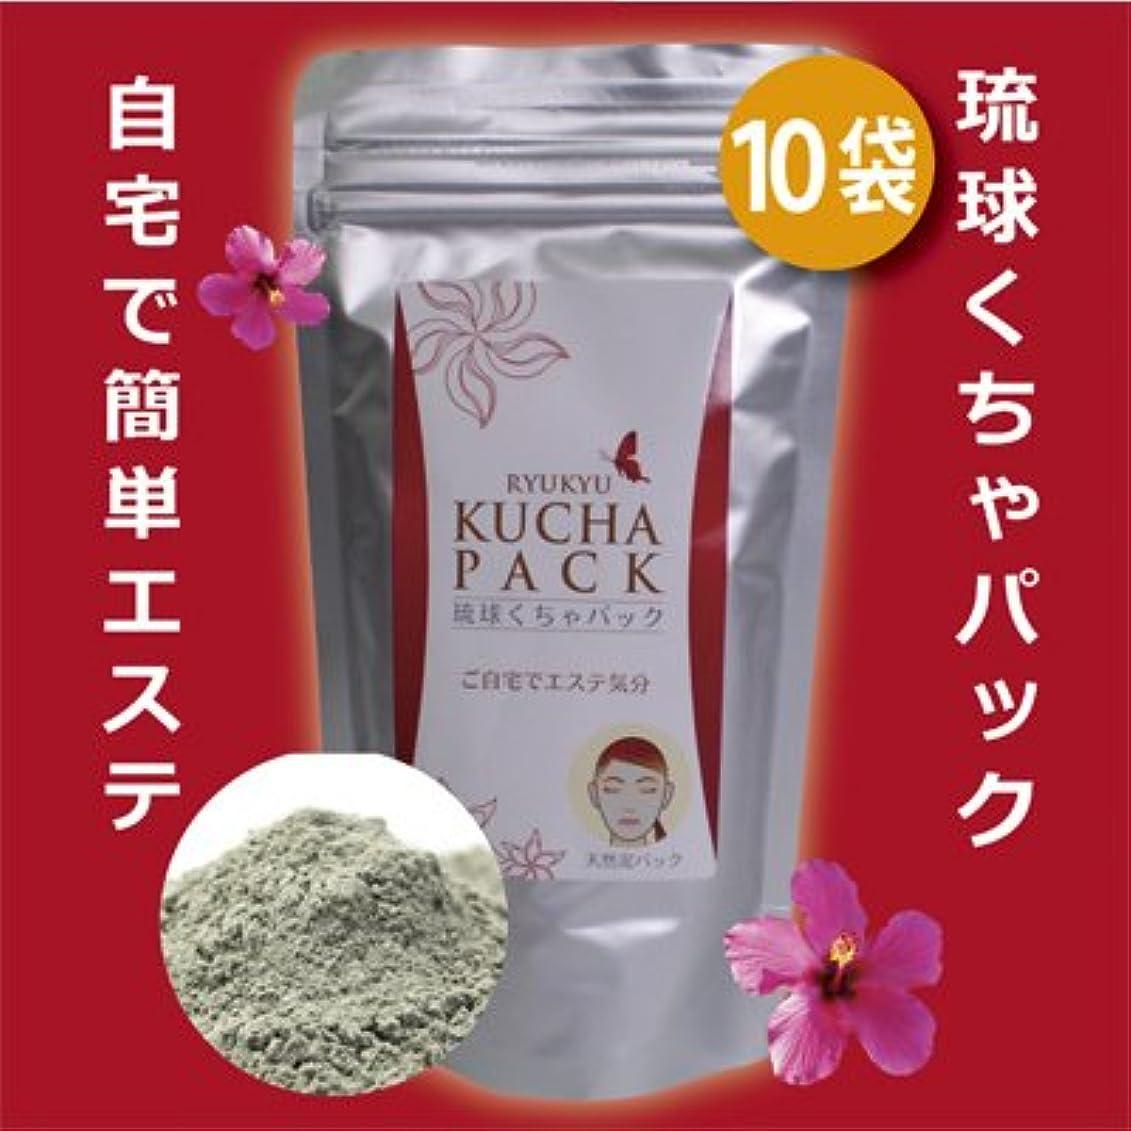 万一に備えてで会計士美肌 健康作り 月桃水を加えた使いやすい粉末 沖縄産 琉球くちゃパック 150g 10パック